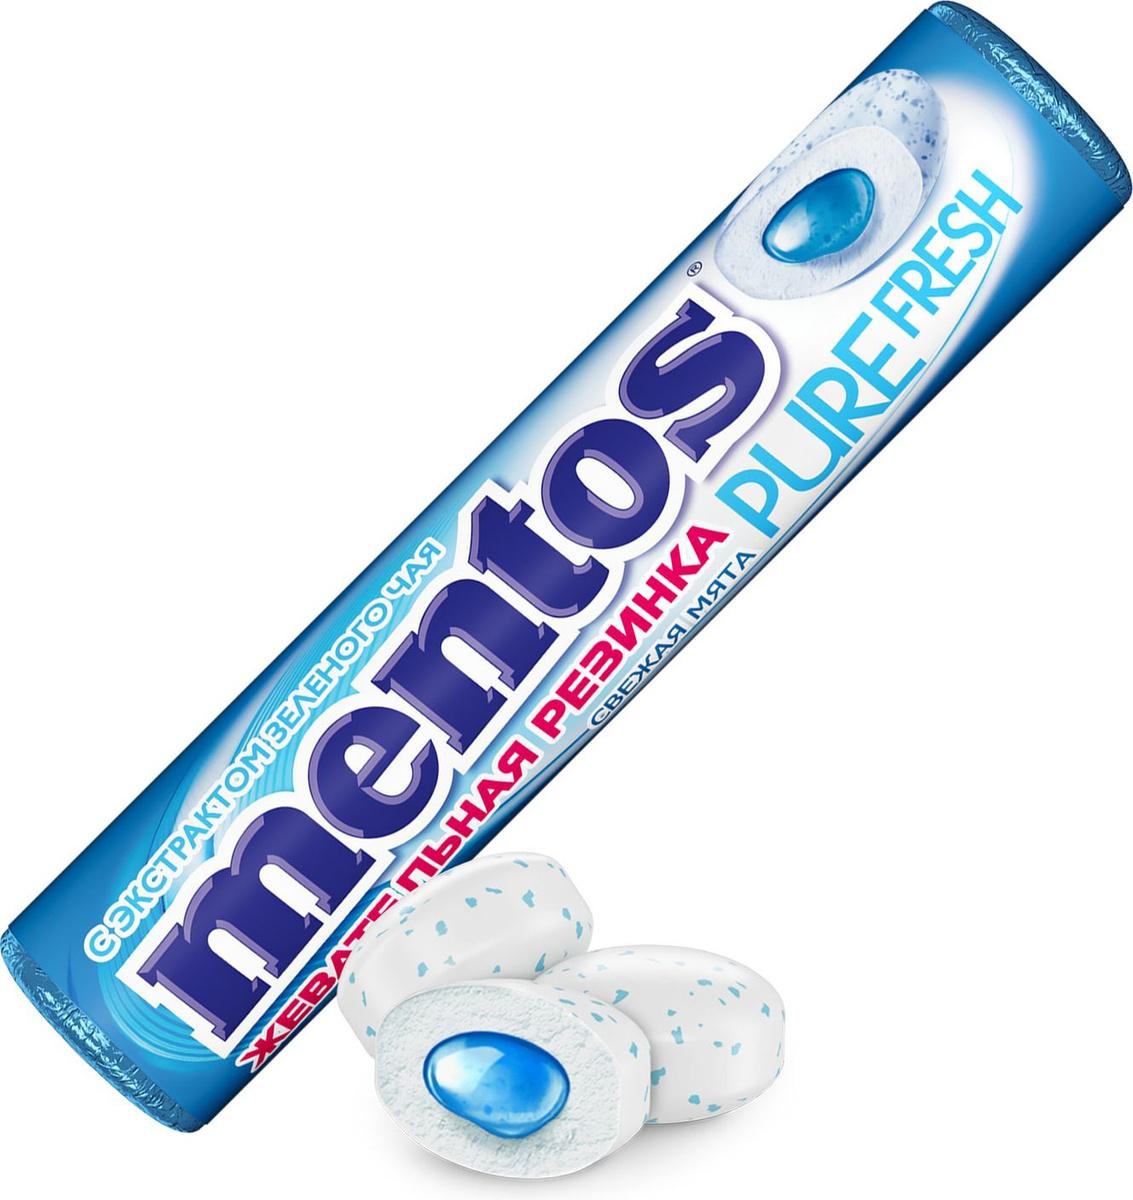 Жевательная резинка Mentos Pure Fresh Свежая мята, 15,5 г #1